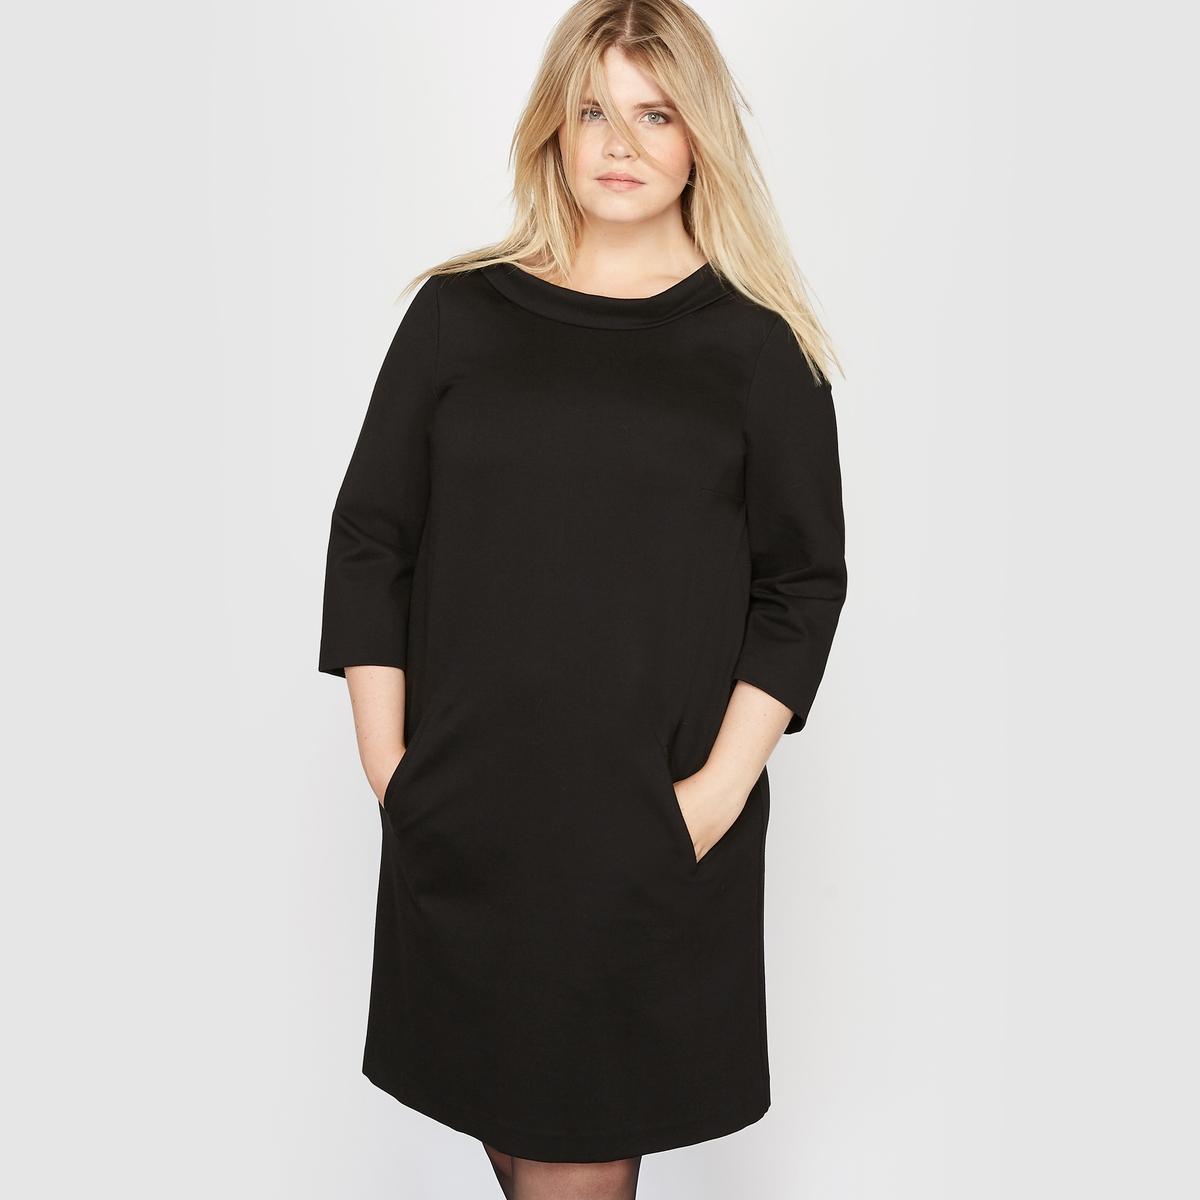 Платье из плотного трикотажа, рукава 3/4Состав и описание :Материал : тяжелый и плотный трикотаж, 70% вискозы, 25% полиамида, 5% эластана.Длина : 94 см для размера 42. Марка : CASTALUNA.Уход :Машинная стирка при 30°.<br><br>Цвет: черный<br>Размер: 56 (FR) - 62 (RUS)